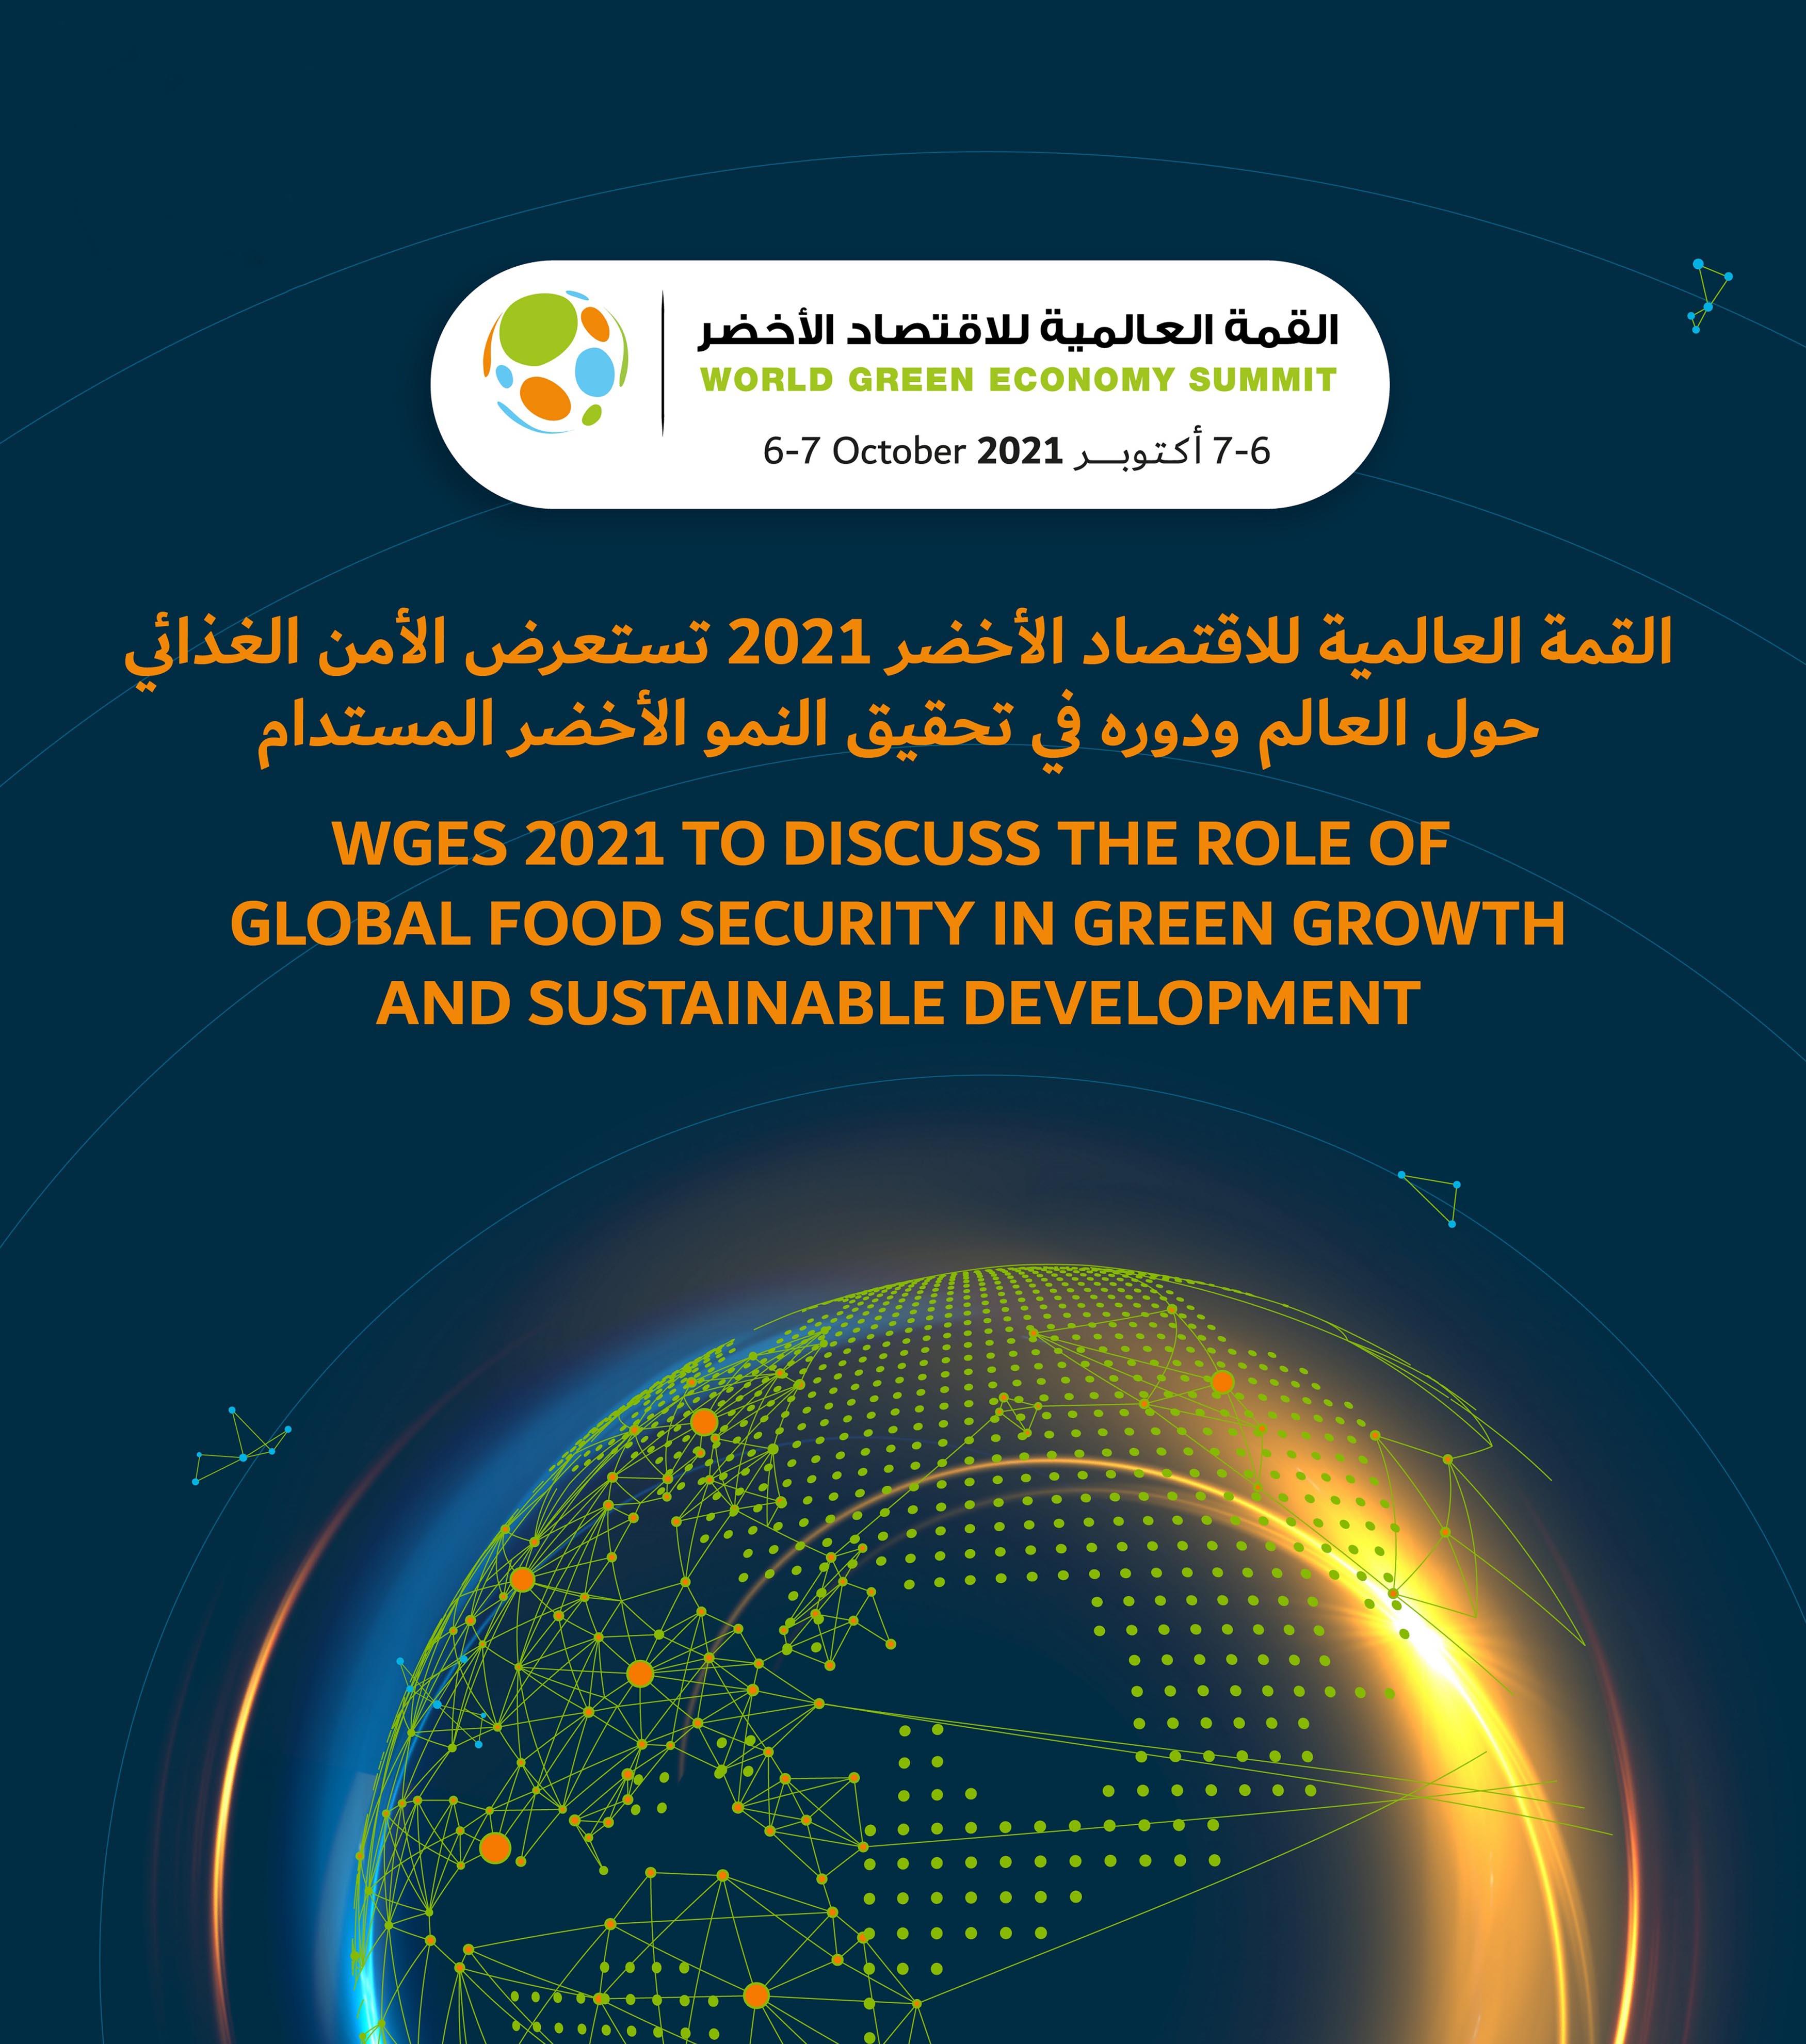 العالمية للاقتصاد الأخضر 2021 تستعرض الأمن الغذائي حول العالم ودوره في تحقيق النمو الأخضر المستدام-1